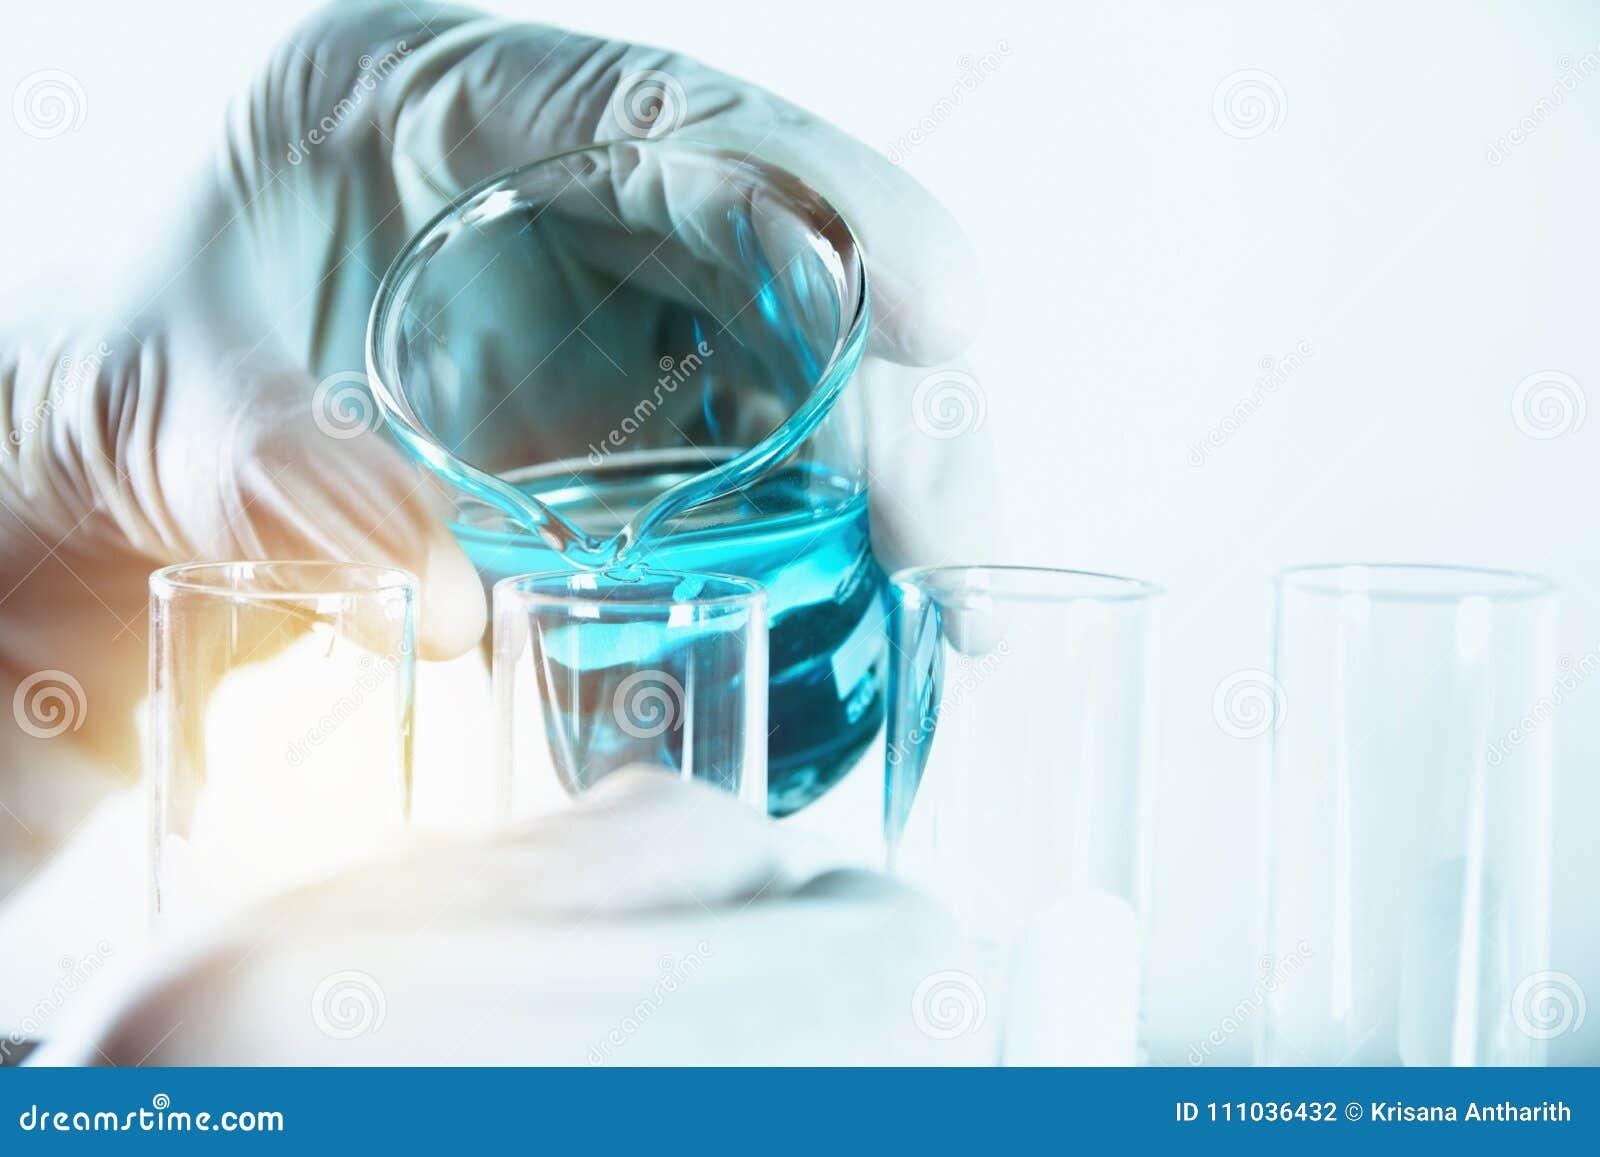 Forskare med kemiska provrör för glass laboratorium med flytande